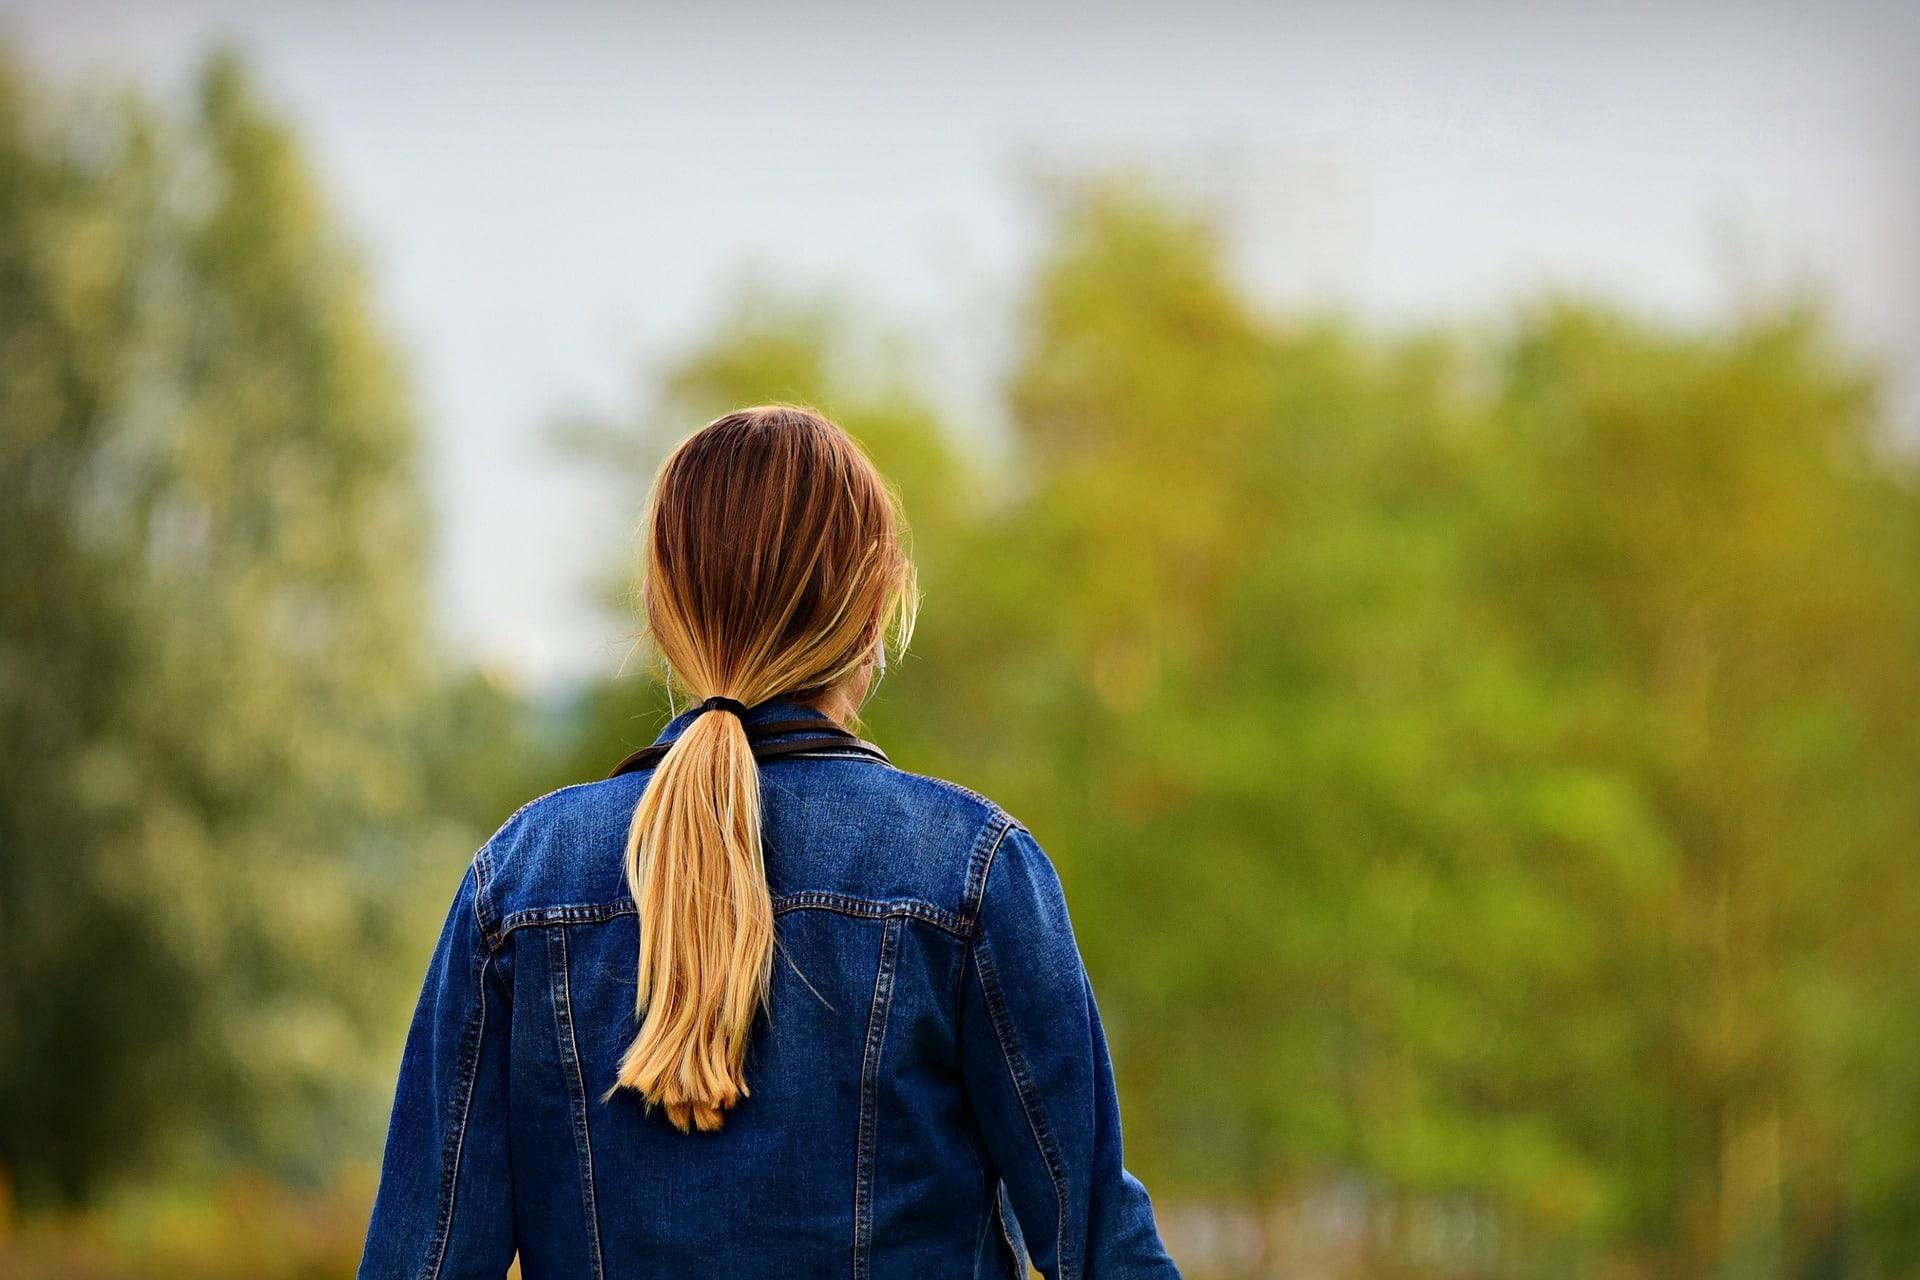 femme de dos avec une queue de cheval